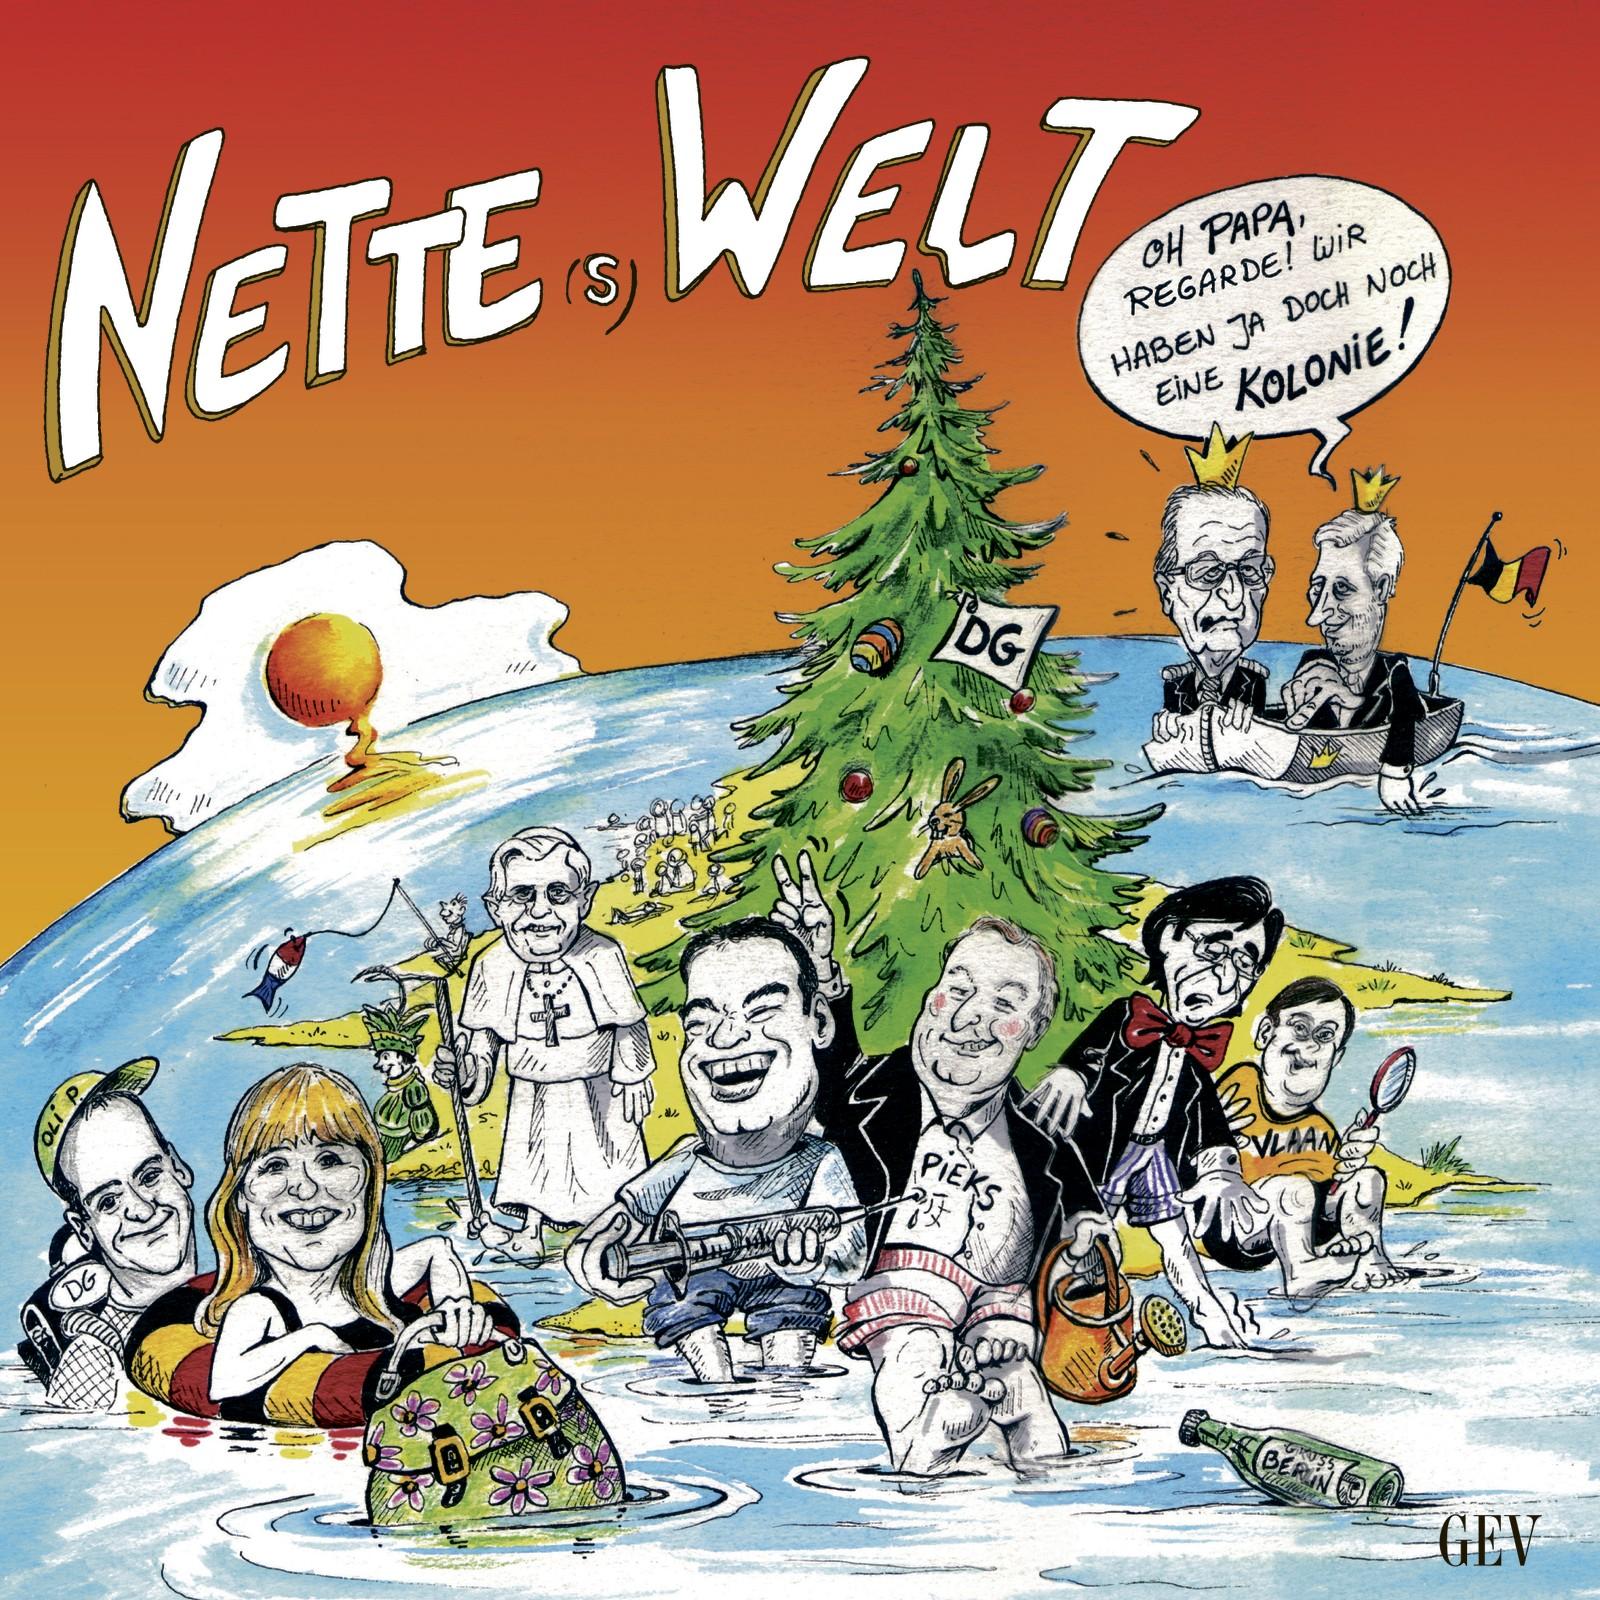 Nette(s) Welt